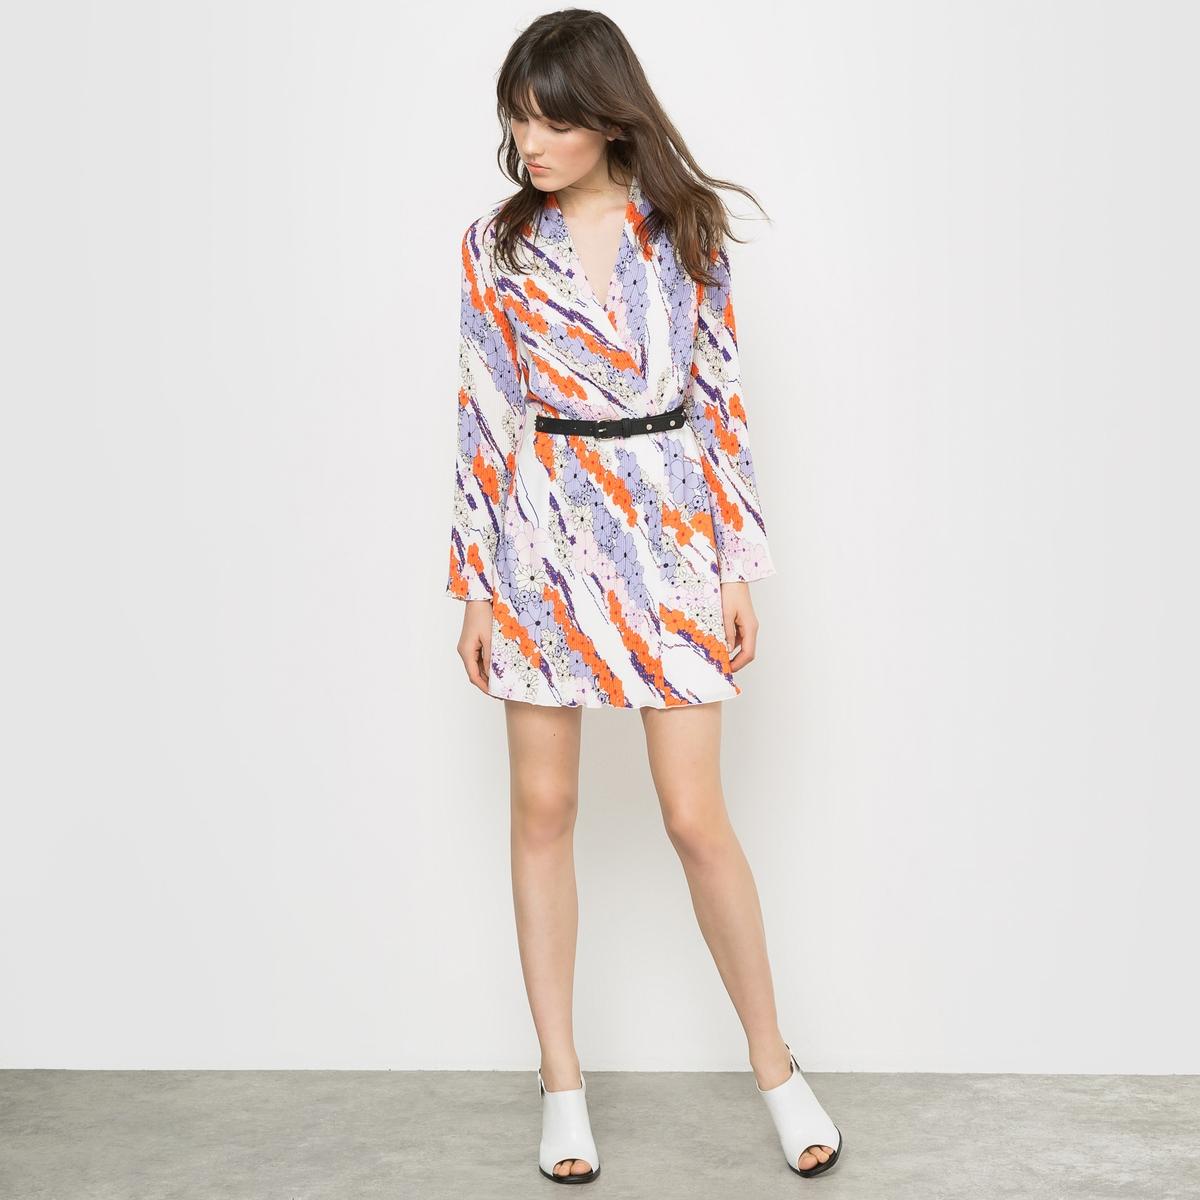 Платье плиссированное с рисункомДом моды Carven предложил каталогу la Redoute коллекцию весна-лето, зовущую в путешествия. Взяв за образец стиль униформы стюардессы, придуманный г-жой Карвен в 60х  годах, дизайнеры Алексис Марсьяль и Андриен Кайядо вдохнули лёгкость в эту яркую коллекцию.. Использованные плиссированные материалы отражают все навыки и технику двух Домов моды.<br><br>Цвет: цветочный рисунок<br>Размер: 42 (FR) - 48 (RUS).44 (FR) - 50 (RUS)